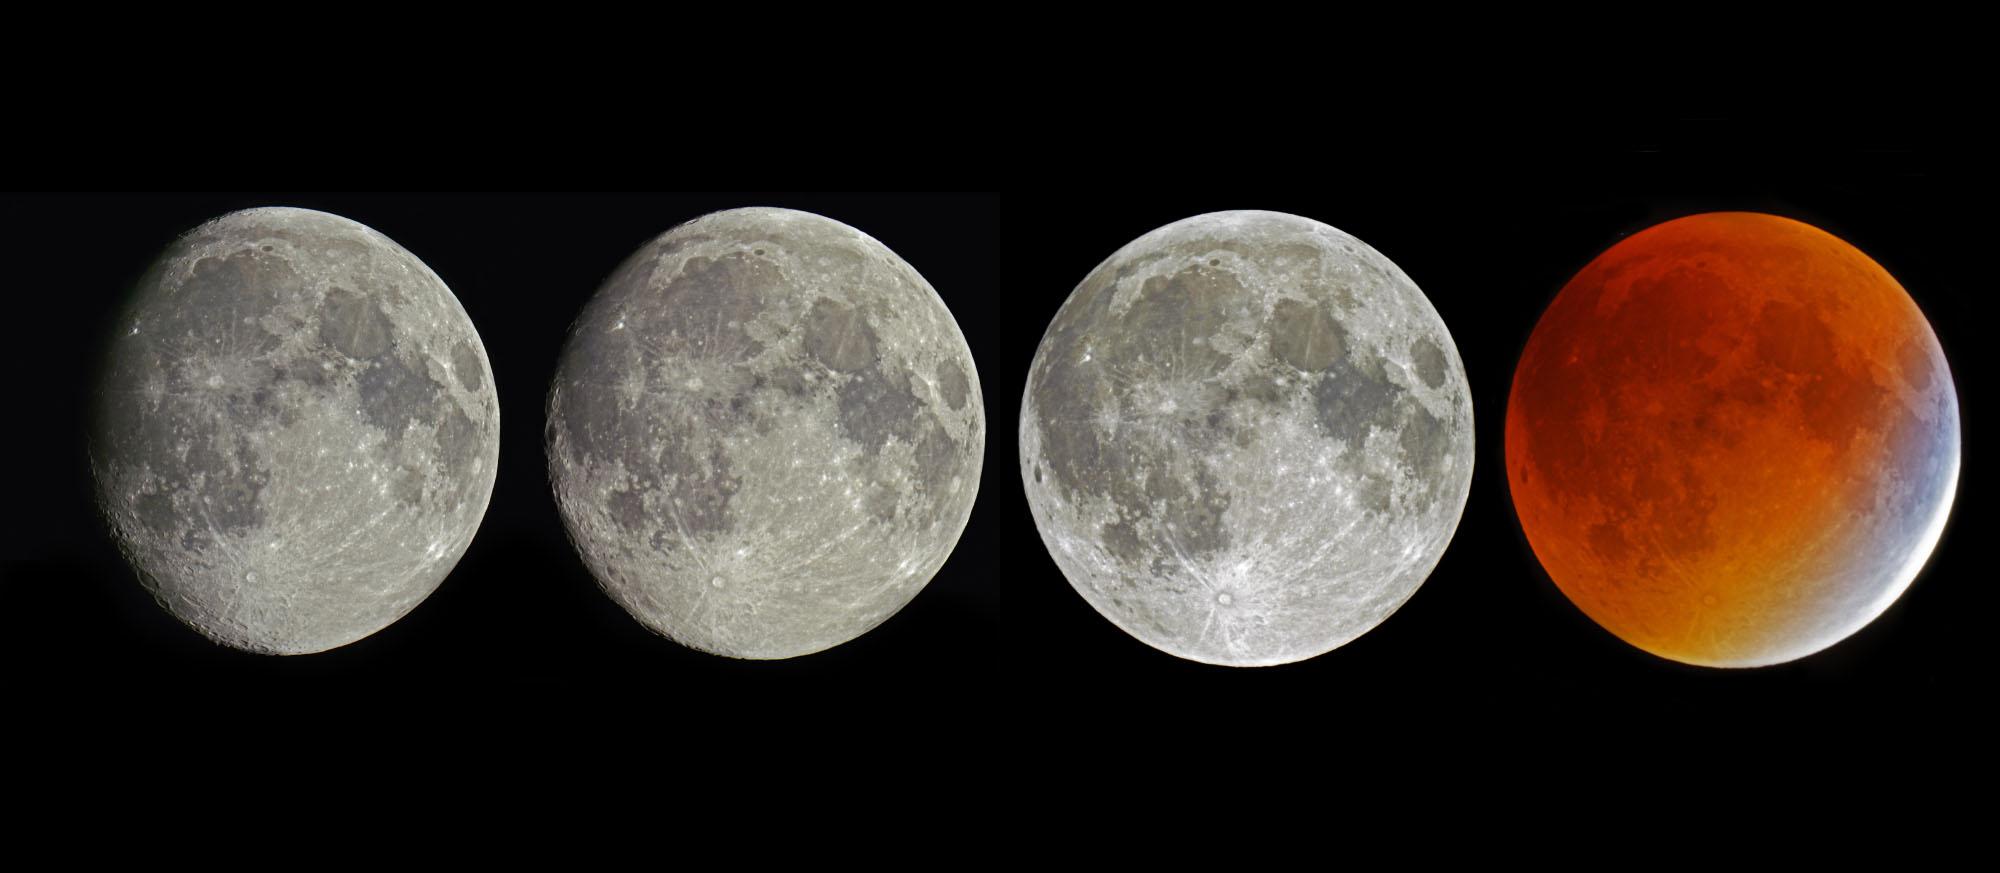 Trois jours dans la vie de la lune de la Terre... Au fil de son orbite terrestre, la Lune se dévoile selon différentes phases. A l'approche de la Pleine Lune, les ombres à sa surface disparaissent peu à peu, puis le disque lunaire est entièrement éclairé. Sauf, bien sûr, en cas d'alignement parfait entre notre étoile, notre planète et sa lune. Les trois astres nous offrent alors le somptueux spectacle d'une éclipse de Lune... Photo S.Brunier